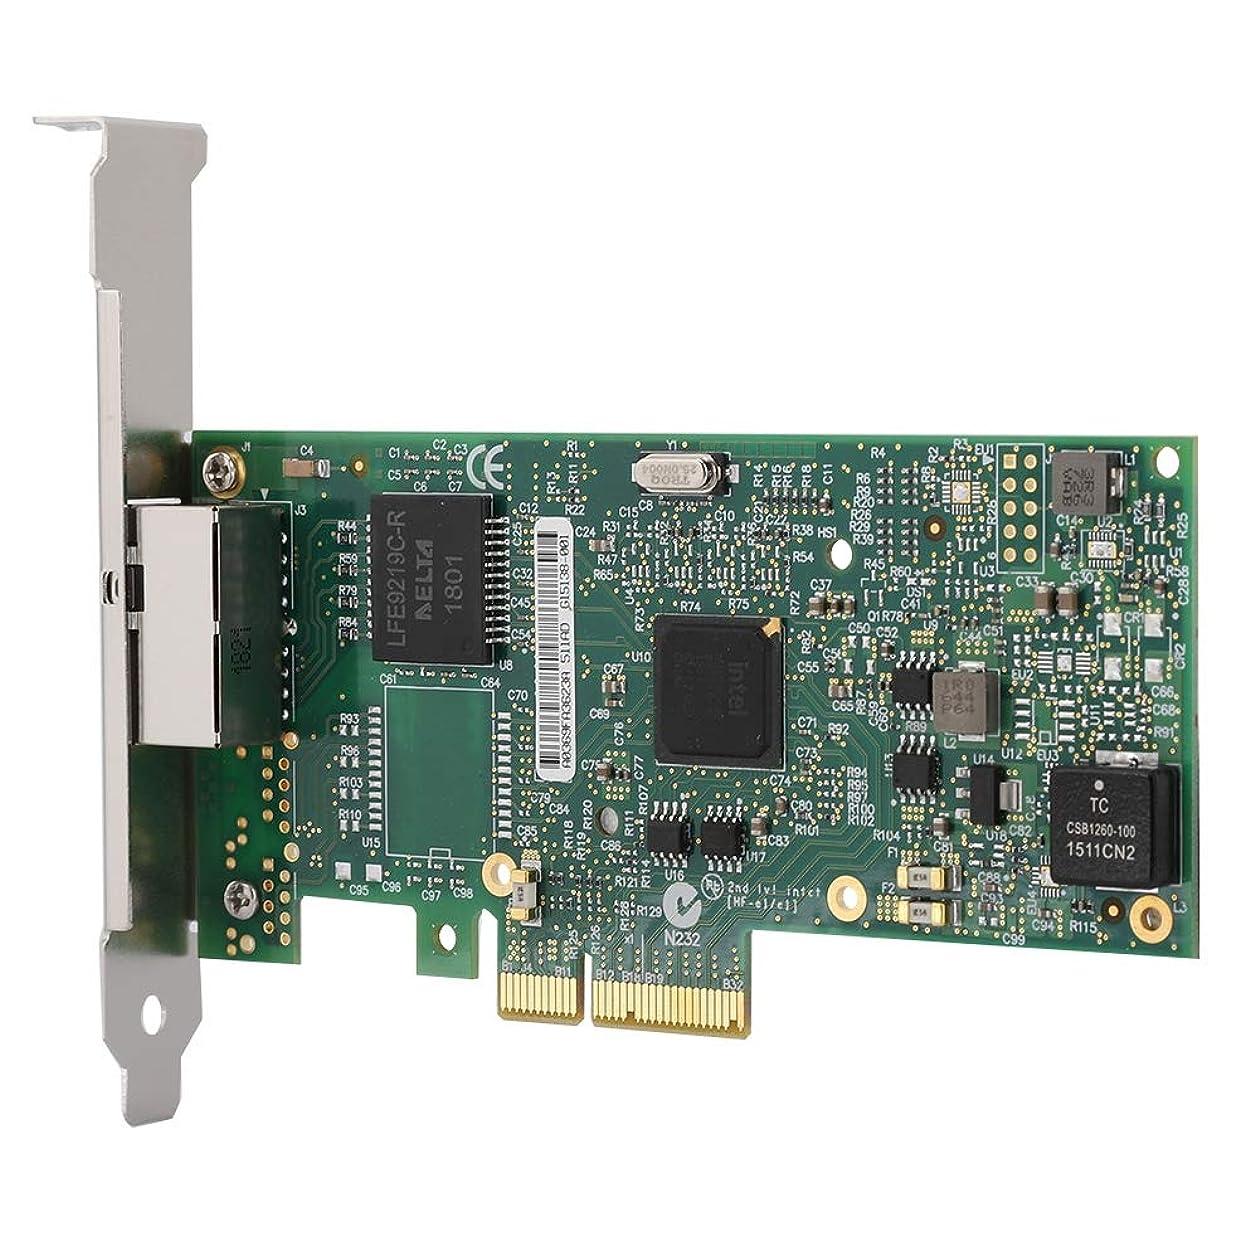 実り多い安全性ステレオタイプfosa PCI-EX4 デュアルポートネットワークアダプター Intel I350-T2A2用 サーバーネットワークカードアダプター デュアルポートギガビットLANカードアダプター インターネットカフェ/オフィス/データサーバー用